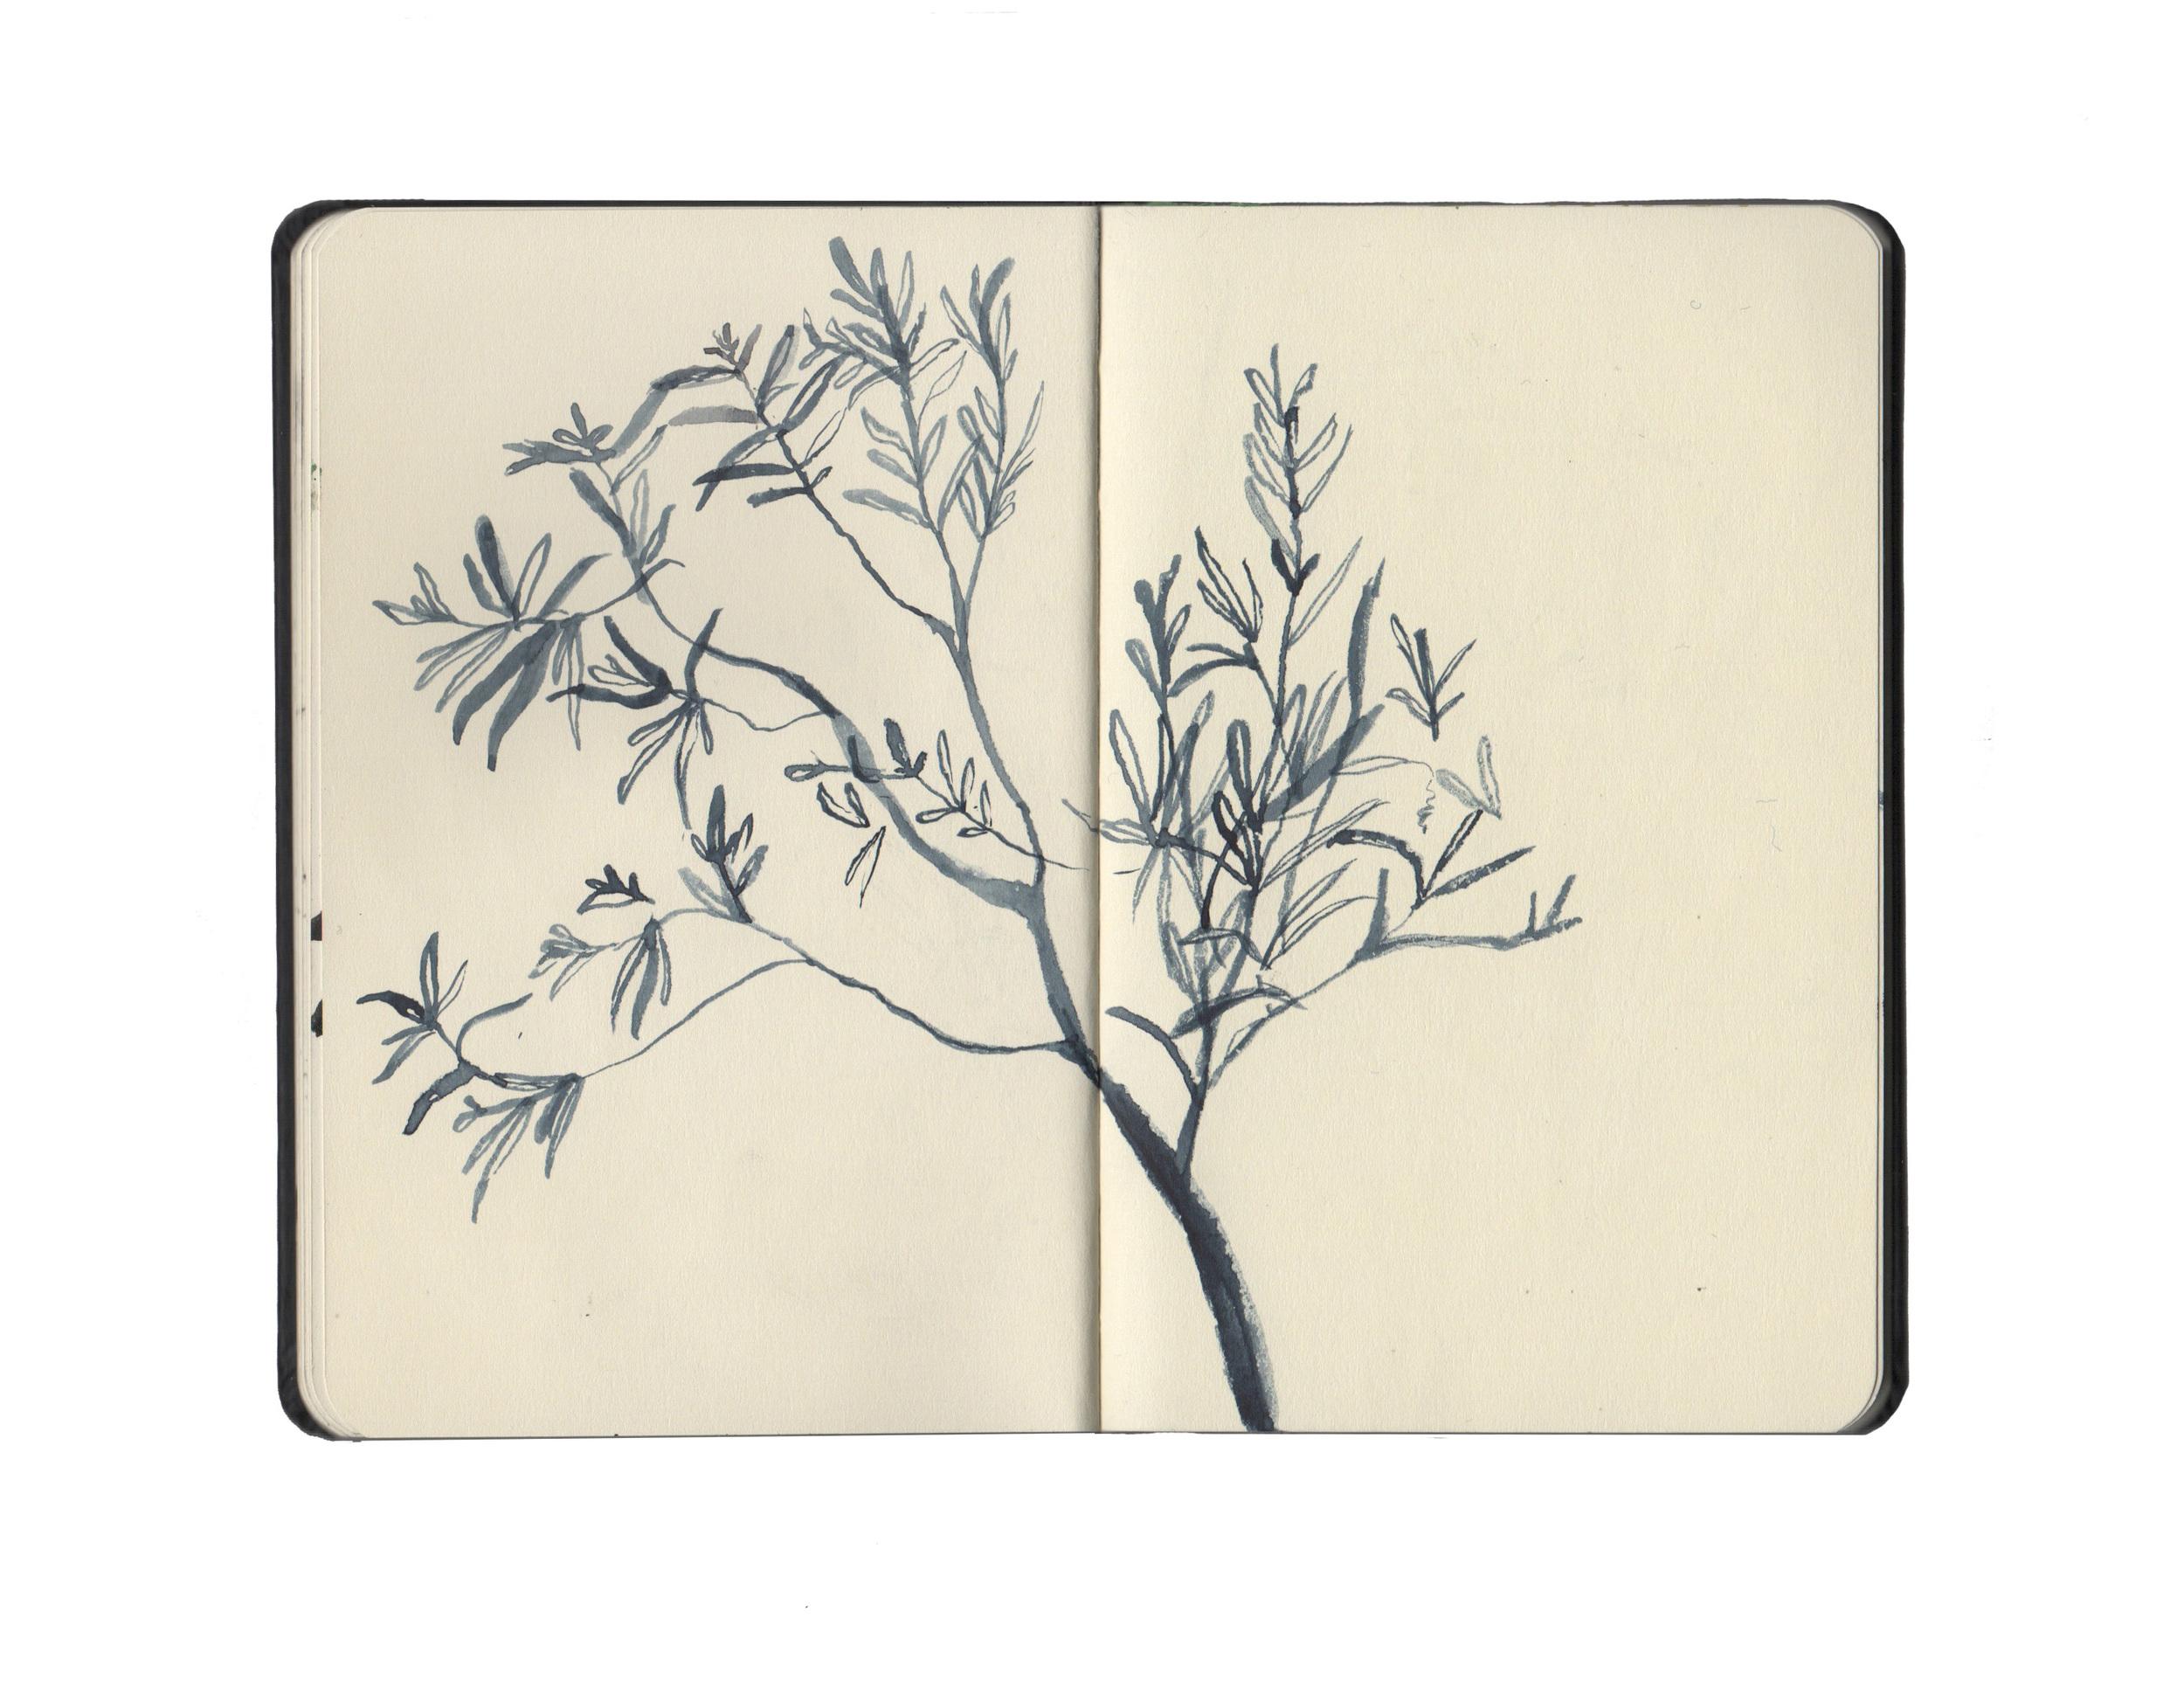 kew sketchbook 5.jpg